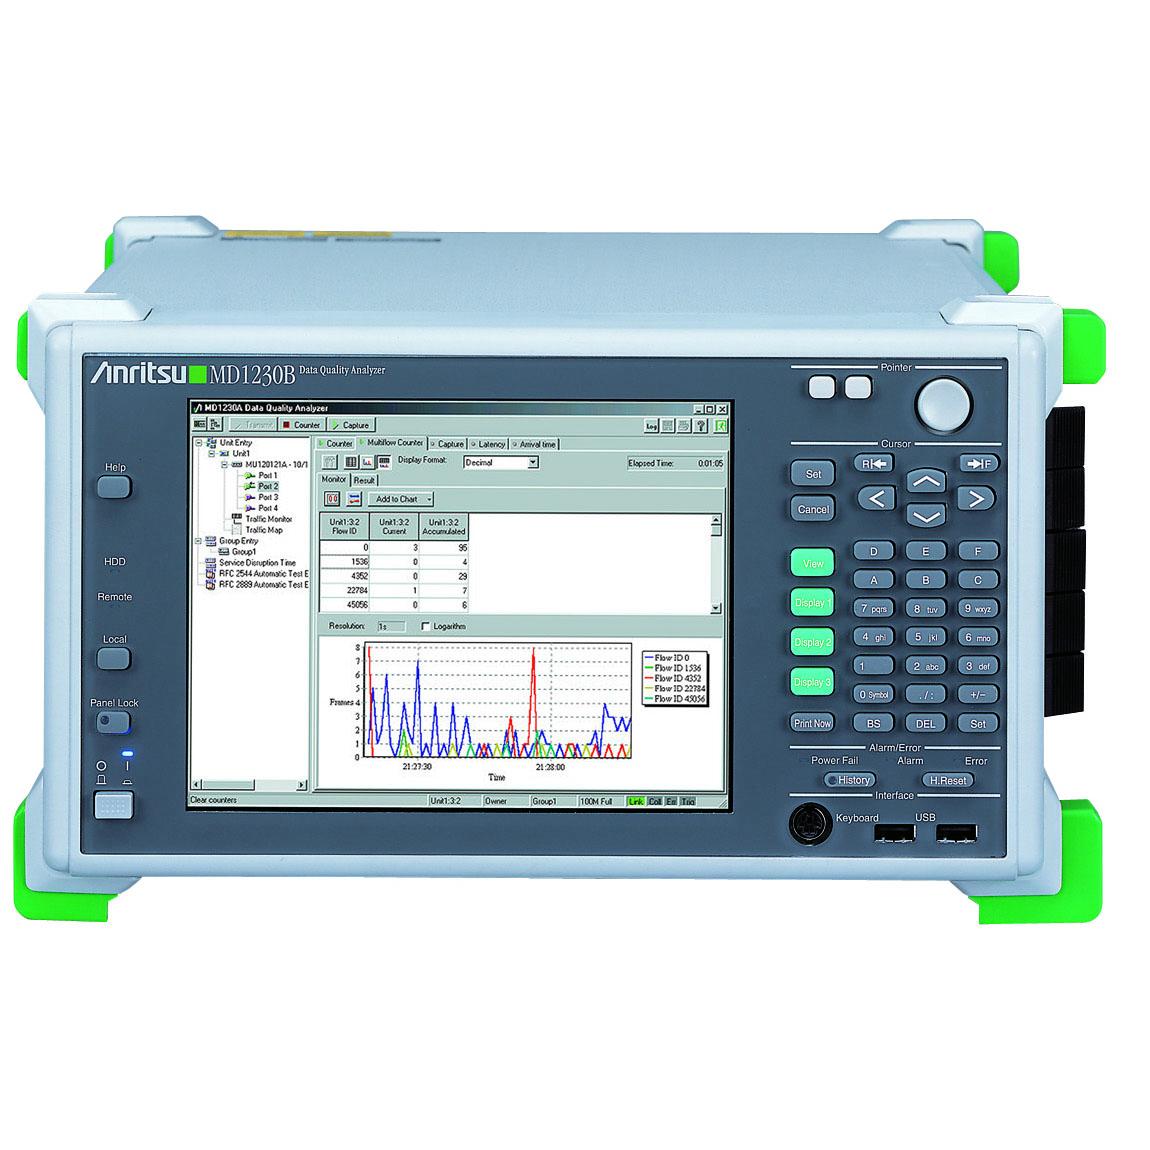 MD1230B/02,03,11,13,MX123001A-10,Z0541A データクオリティアナライザ